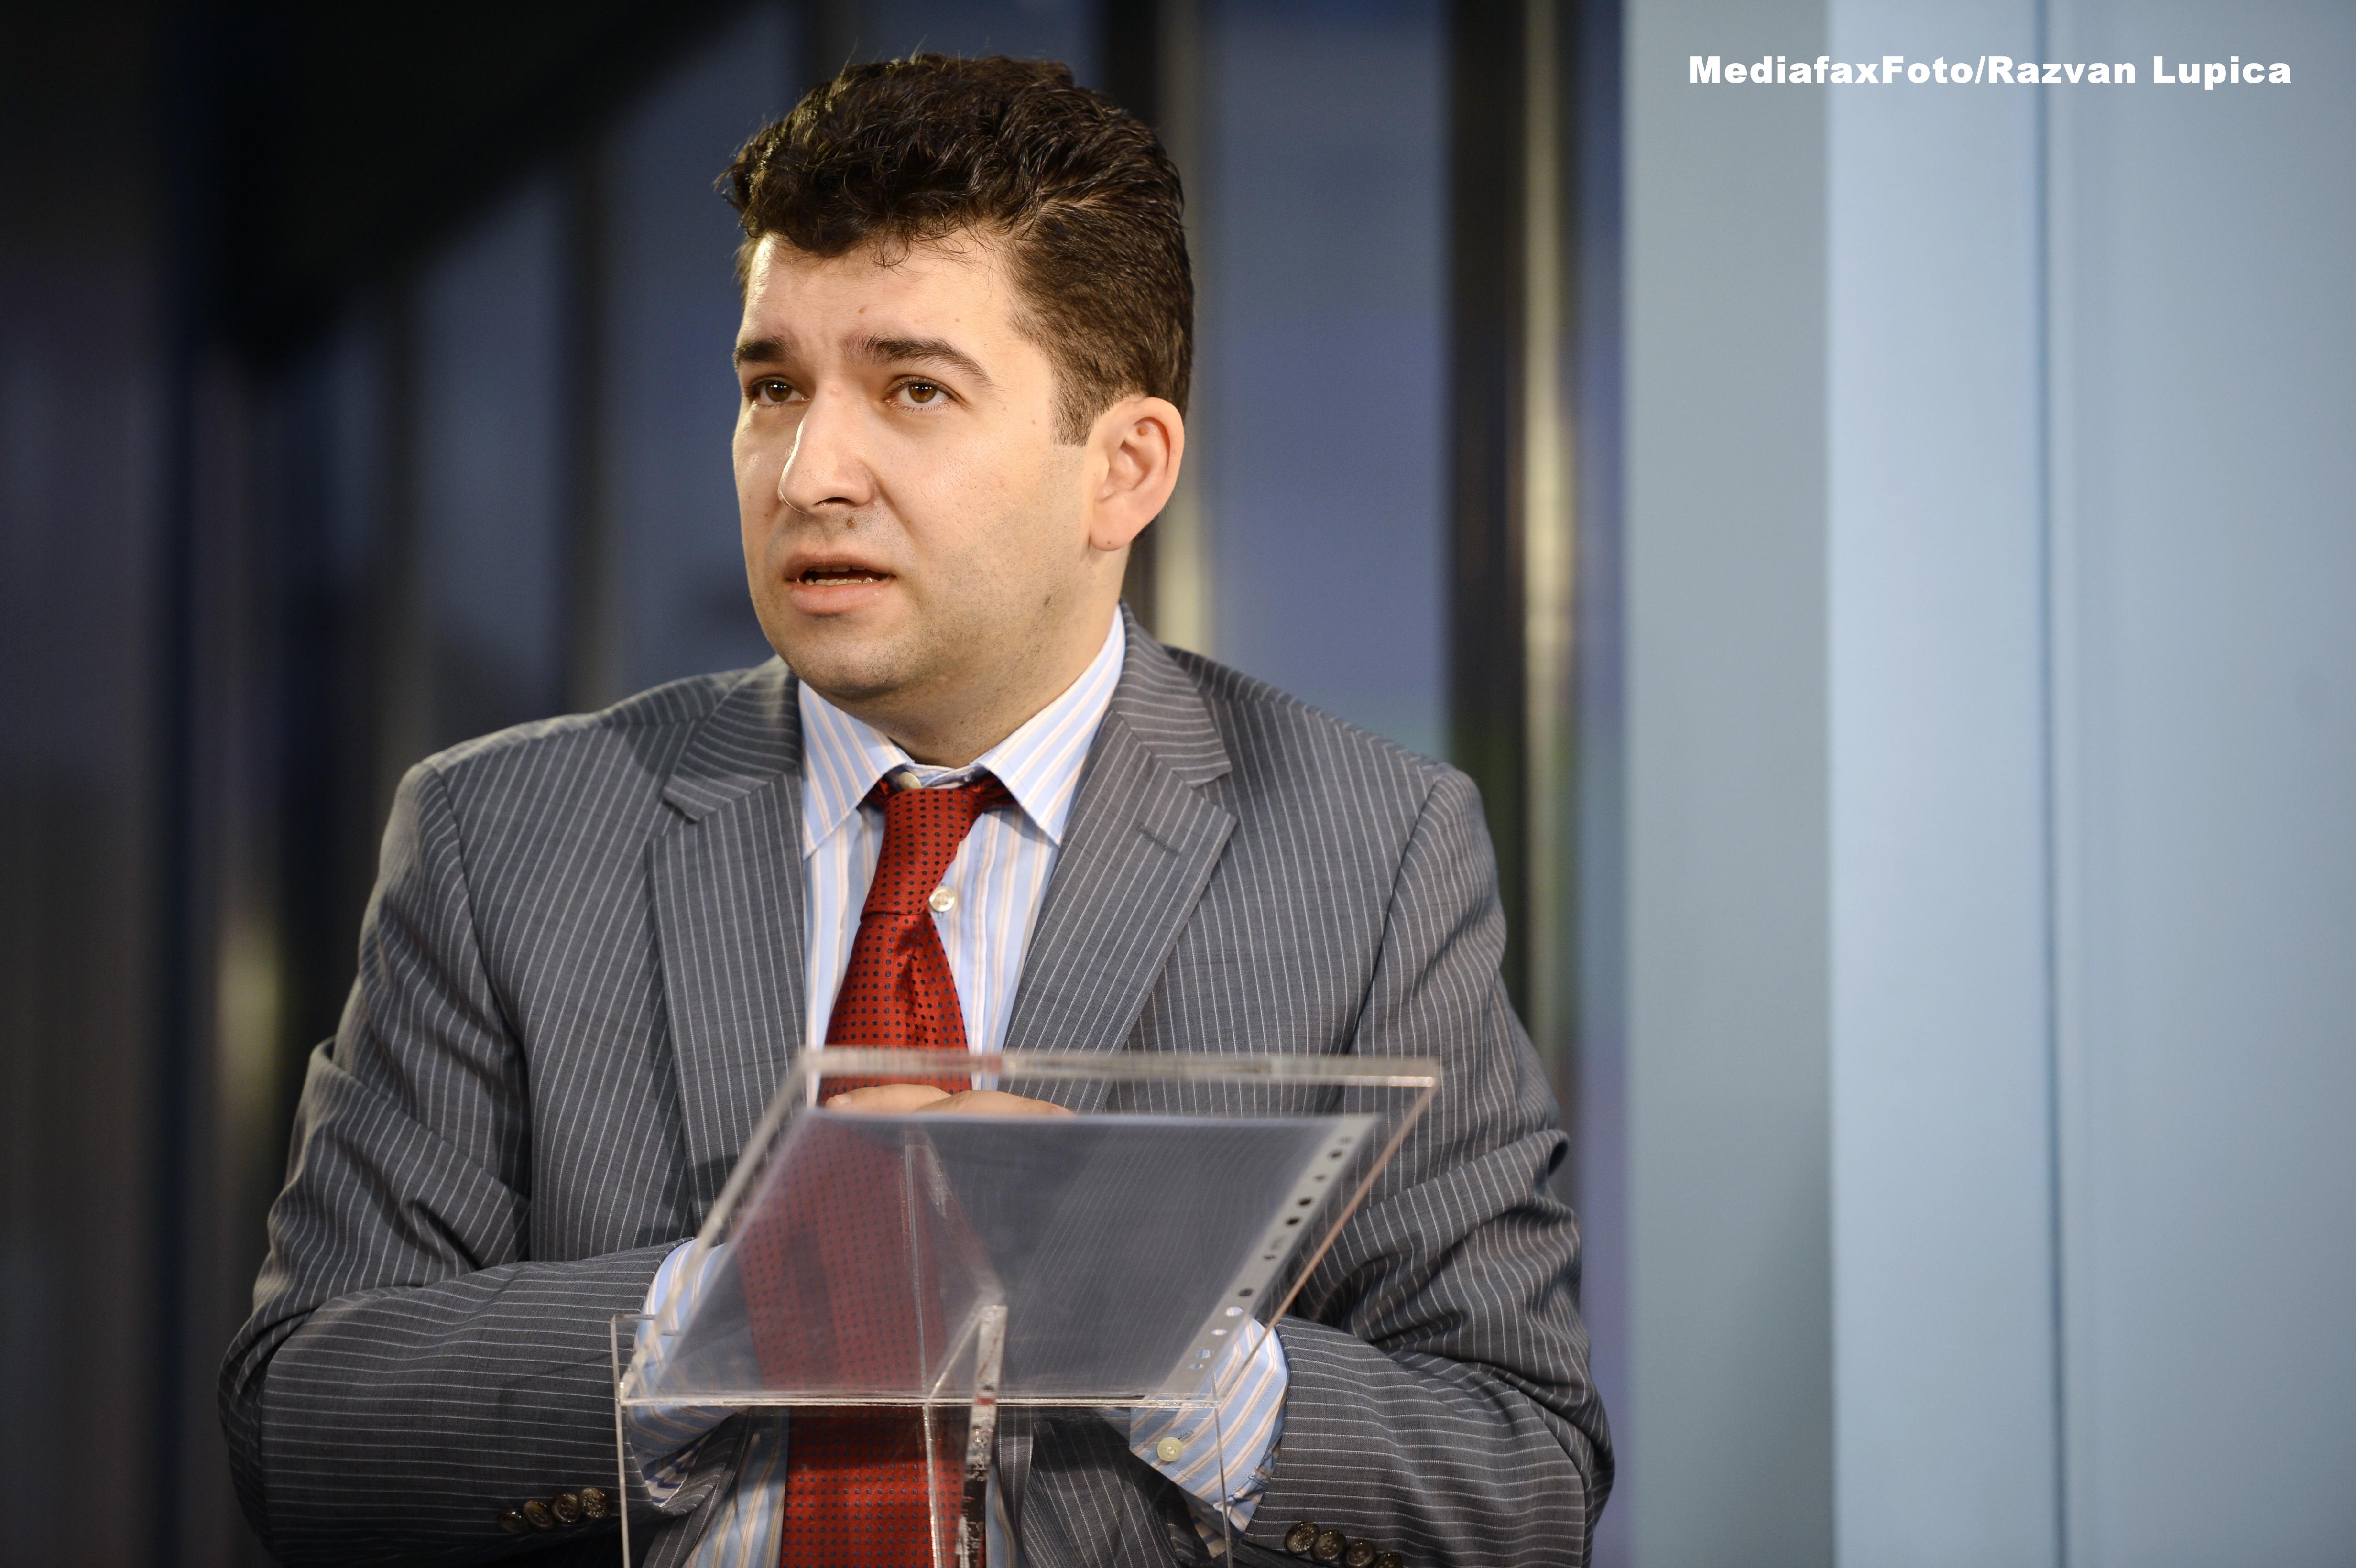 Ministrul Liviu Voinea: Guvernul nu va majora fiscalitatea privind Drepturile de Autor si PFA